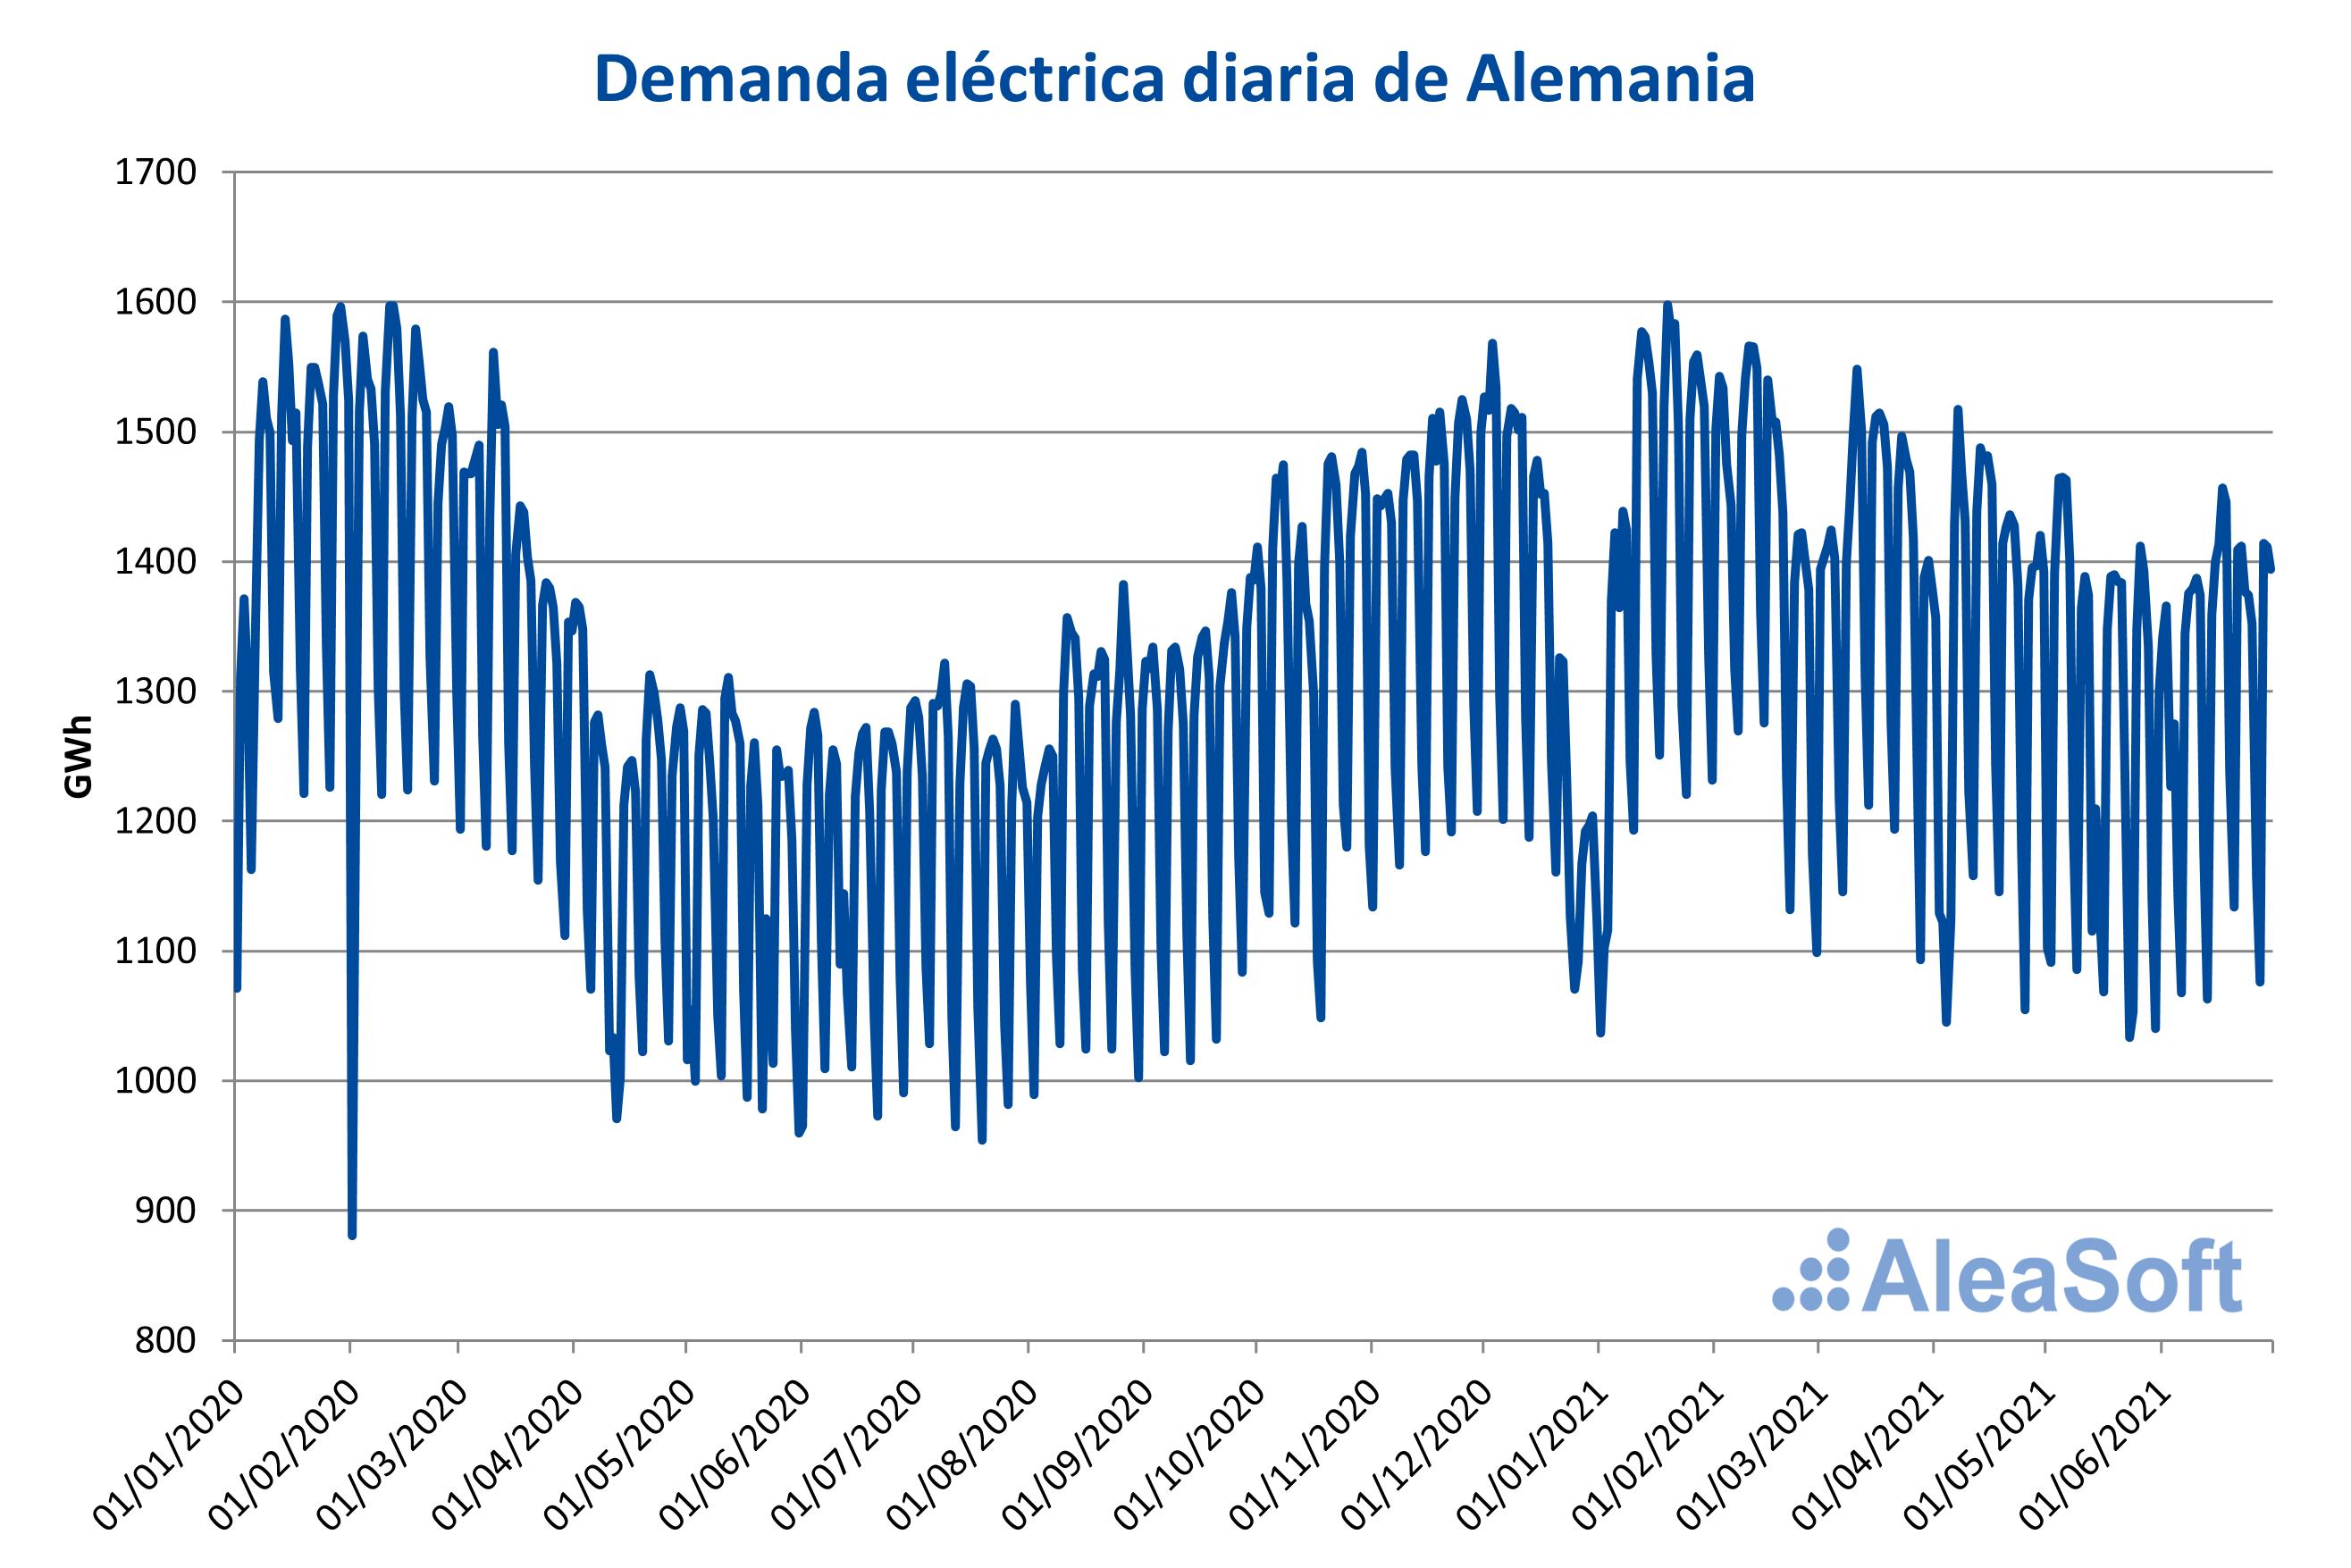 AleaSoft - Demanda electricidad diaria alemania